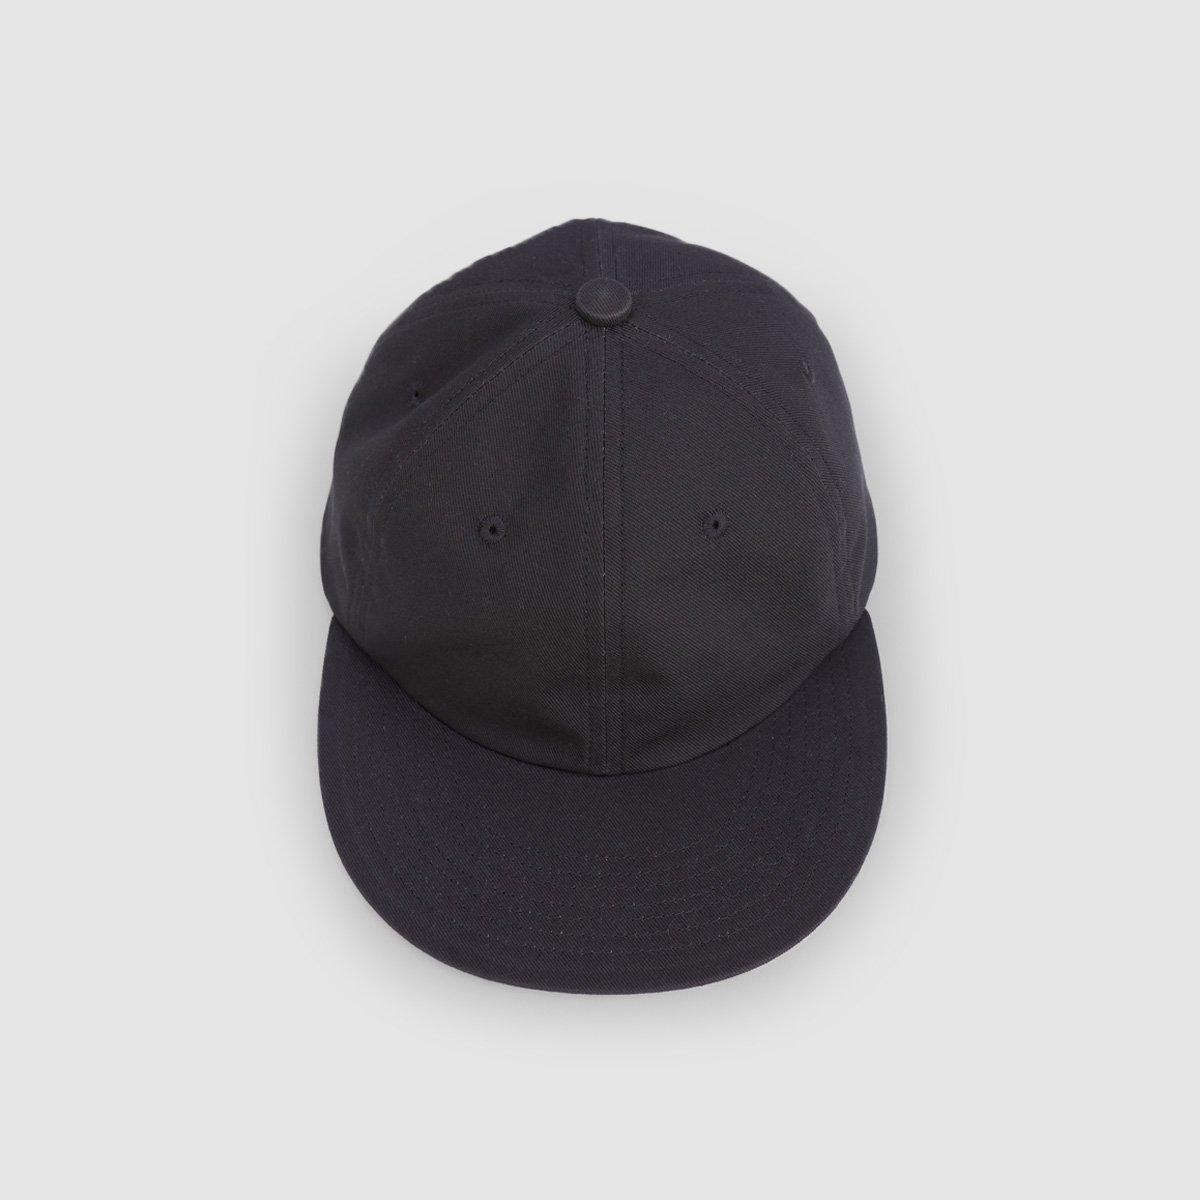 JOBA CAP 詳細画像2